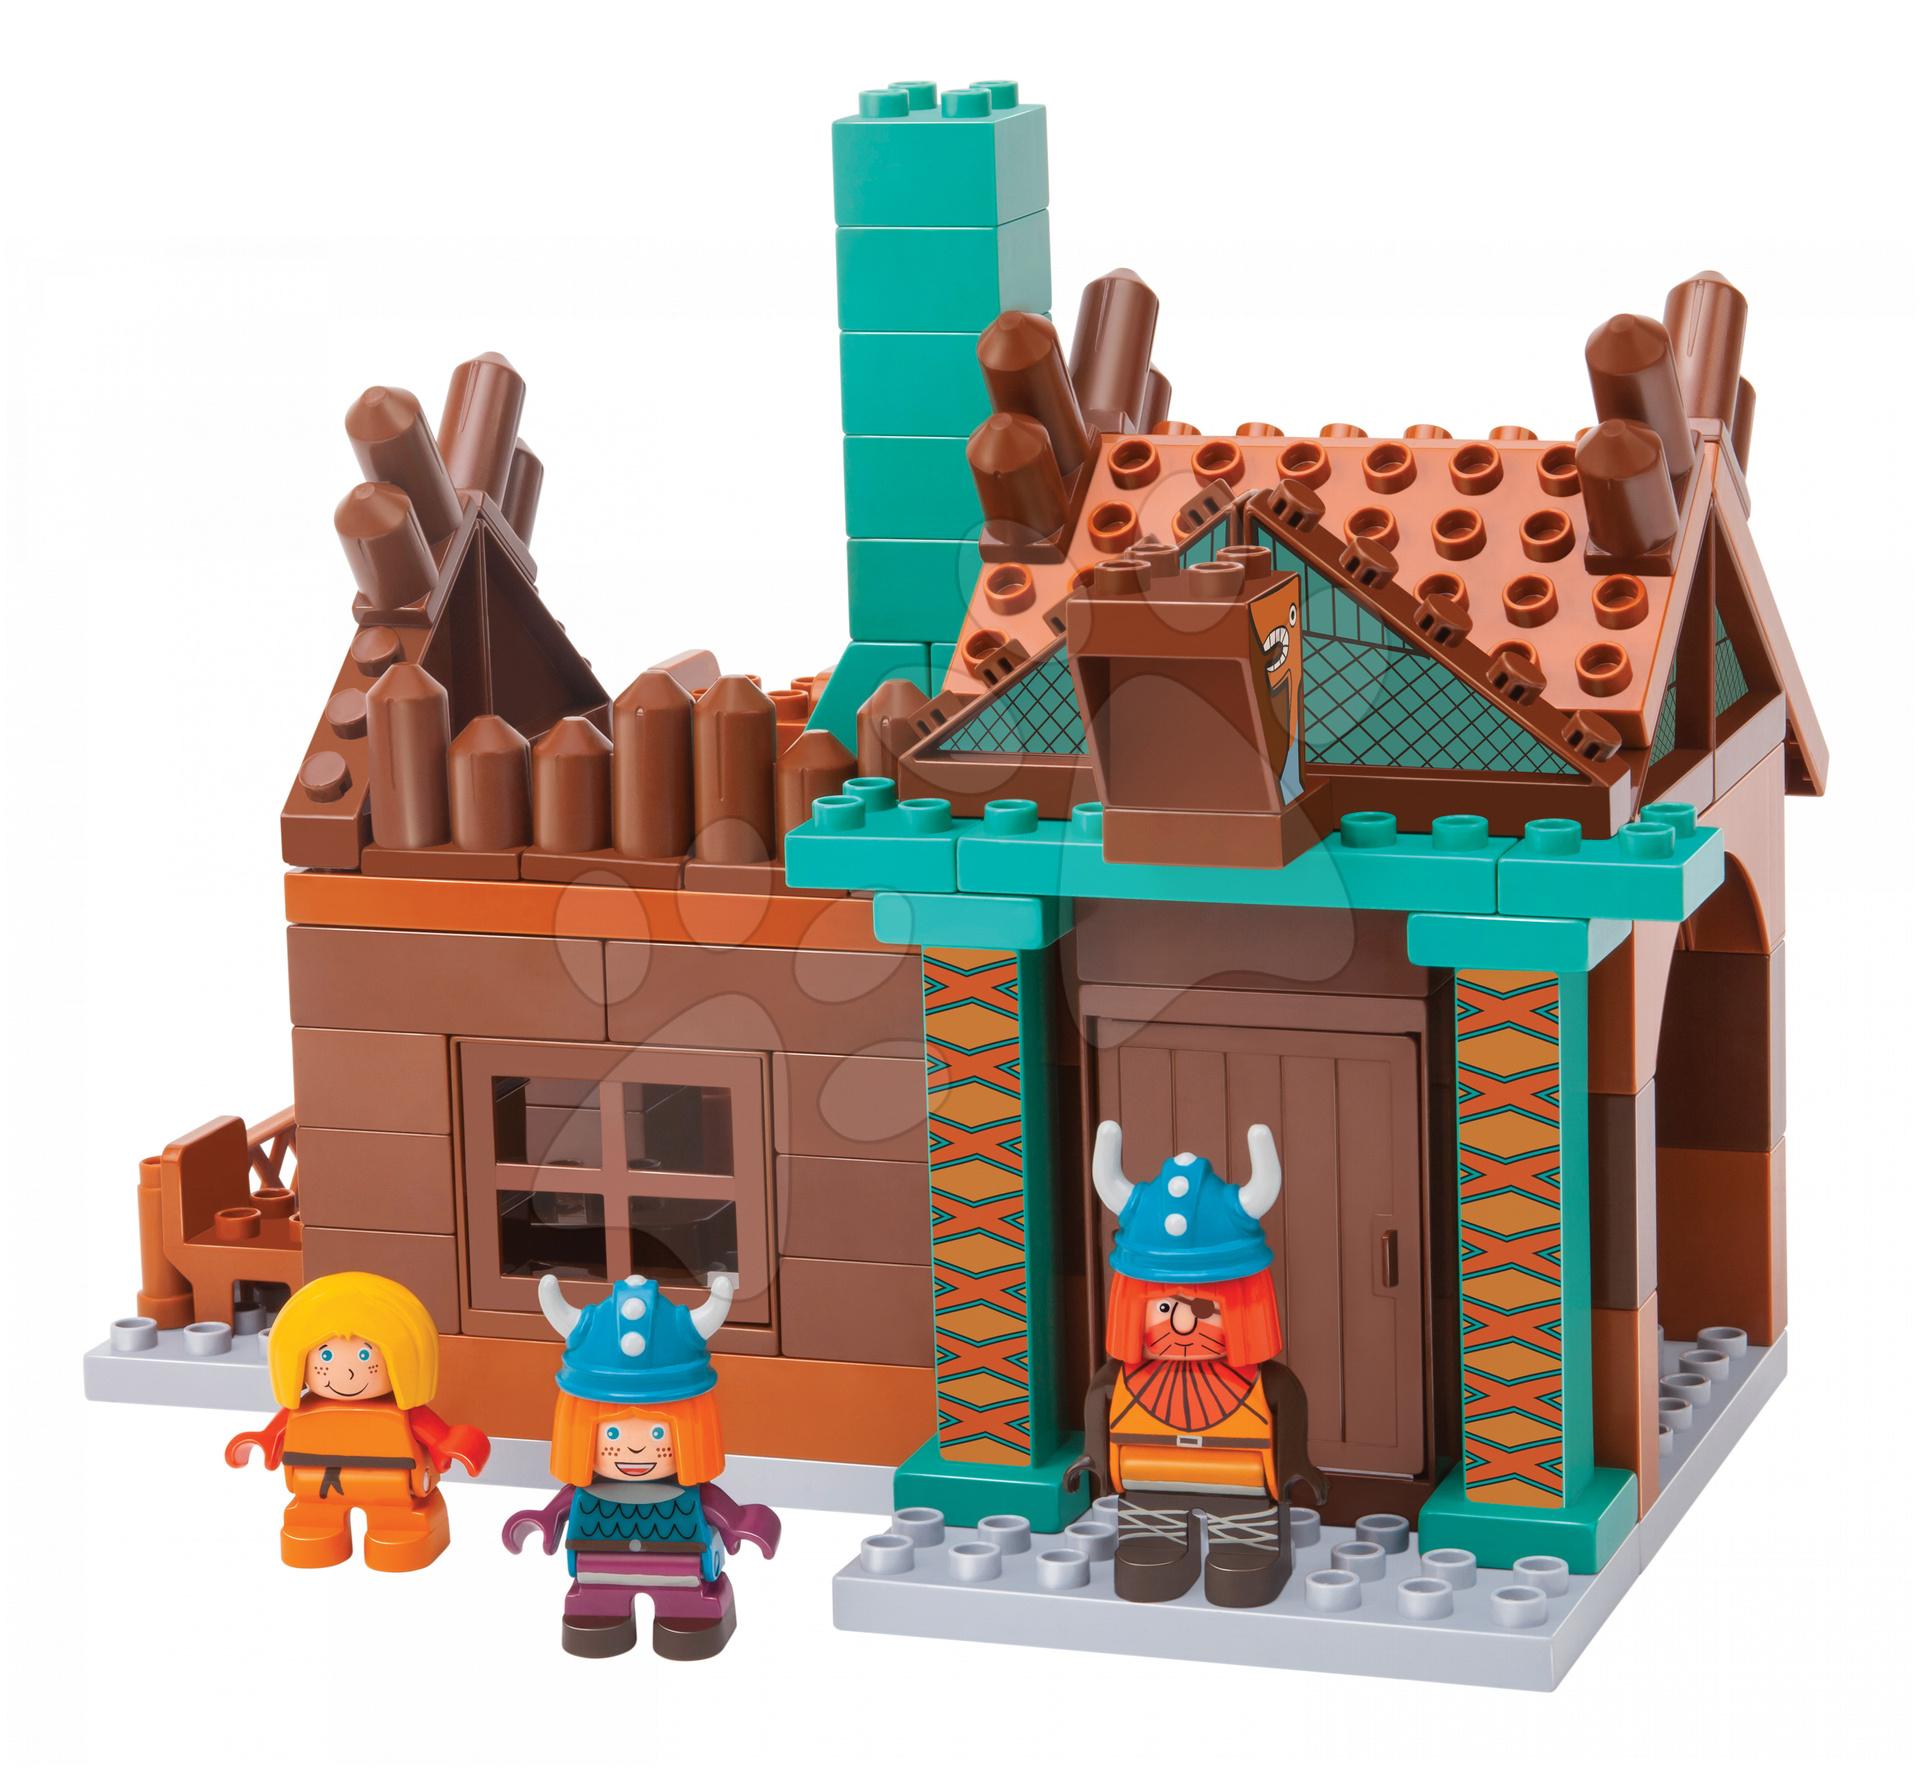 Stavebnice PlayBIG BLOXX Wickie Halvarův dům BIG 3 figurkamy 89 kusů